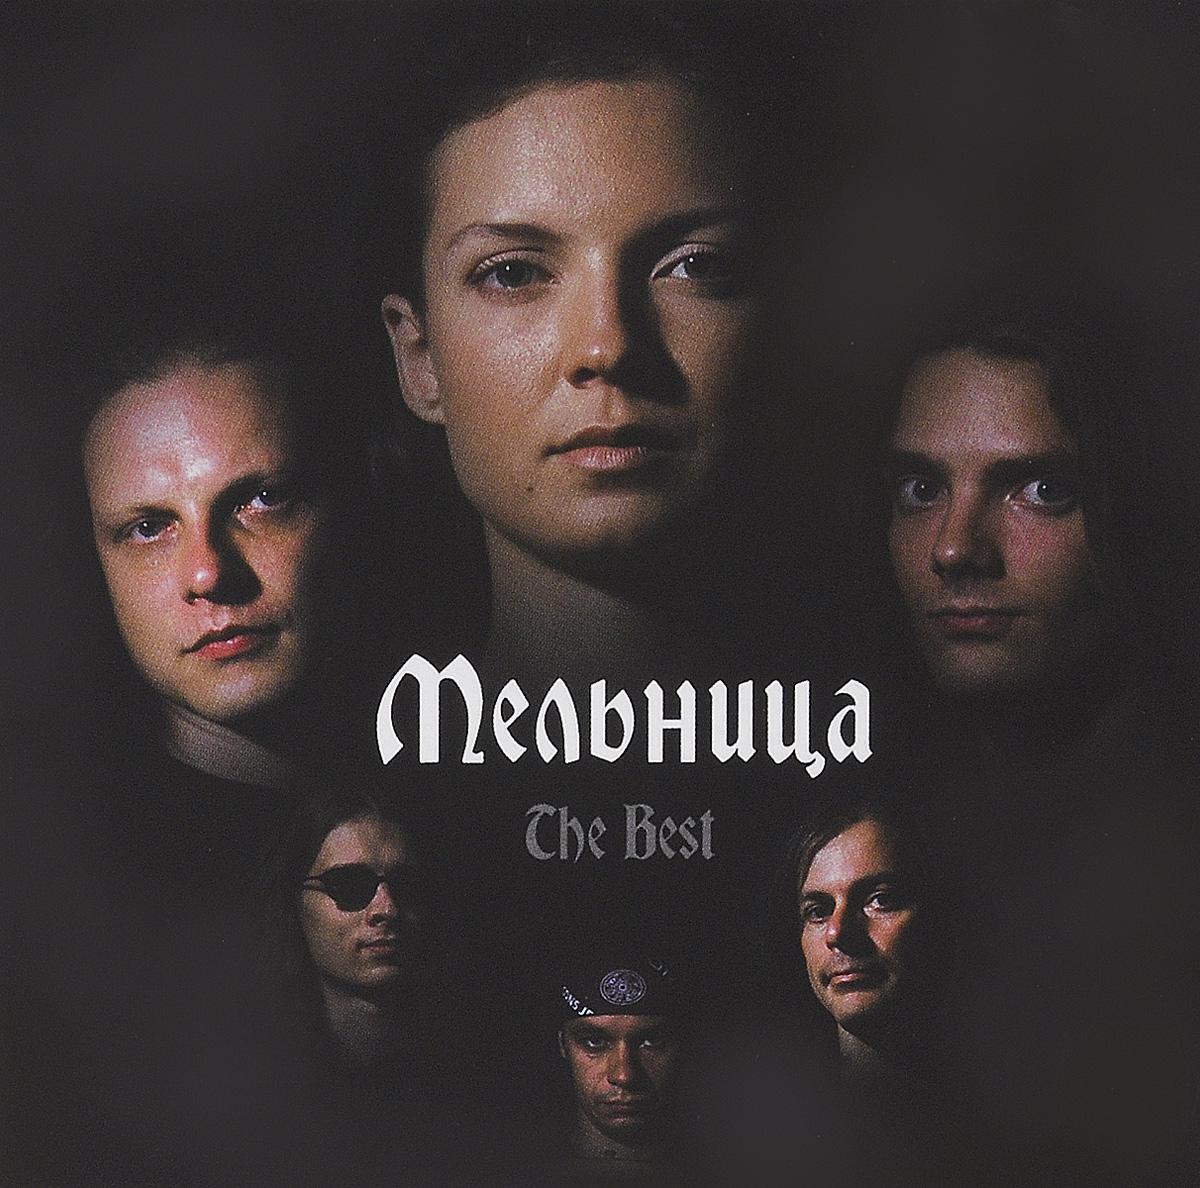 К изданию прилагается 4-страничный вкладыш со списком треков и дополнительной информацией на русском языке.